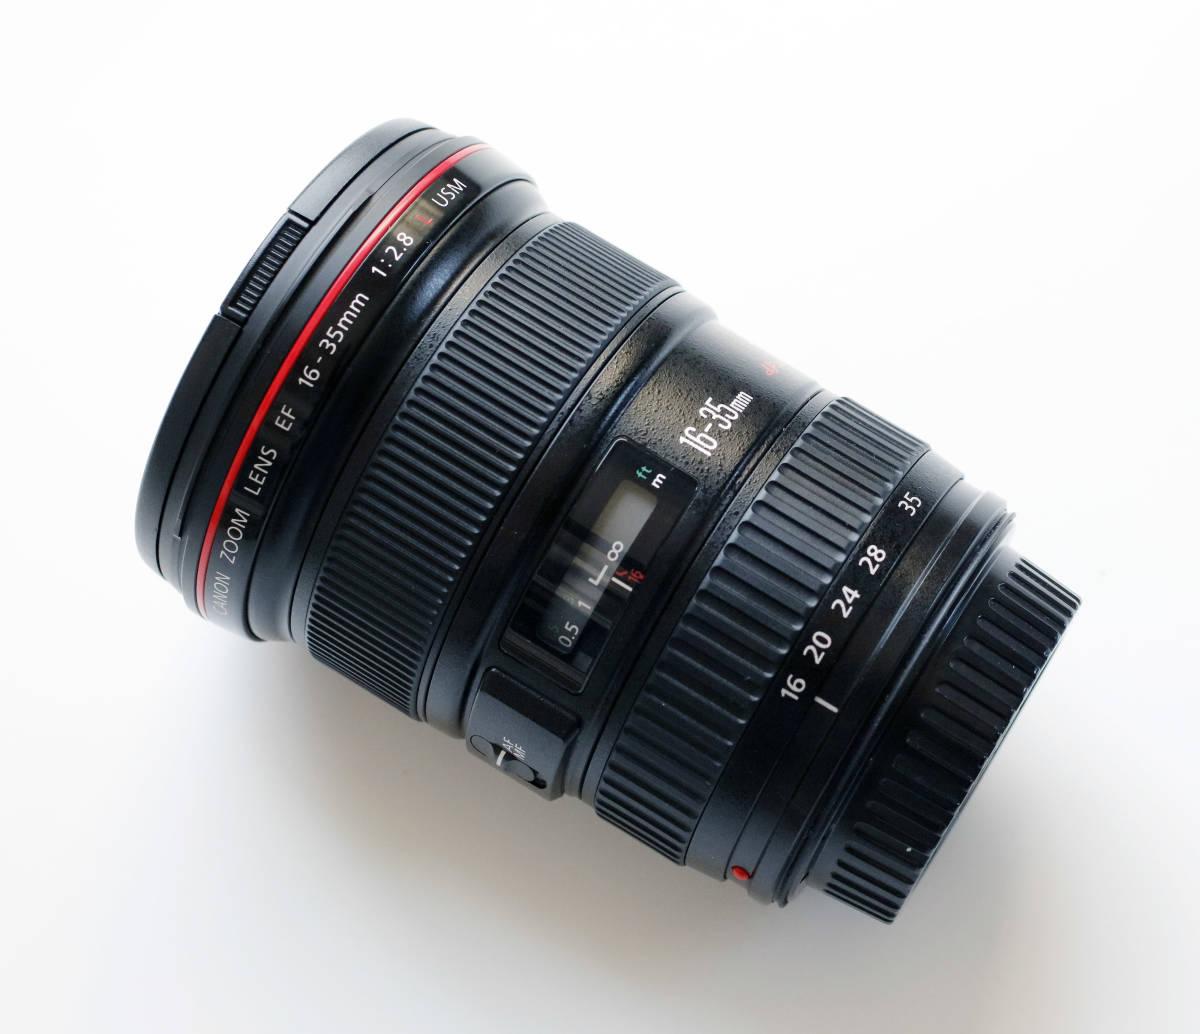 ★★【佳能EF 16-35mm F2.8 L USM】★ 編號:h356873339